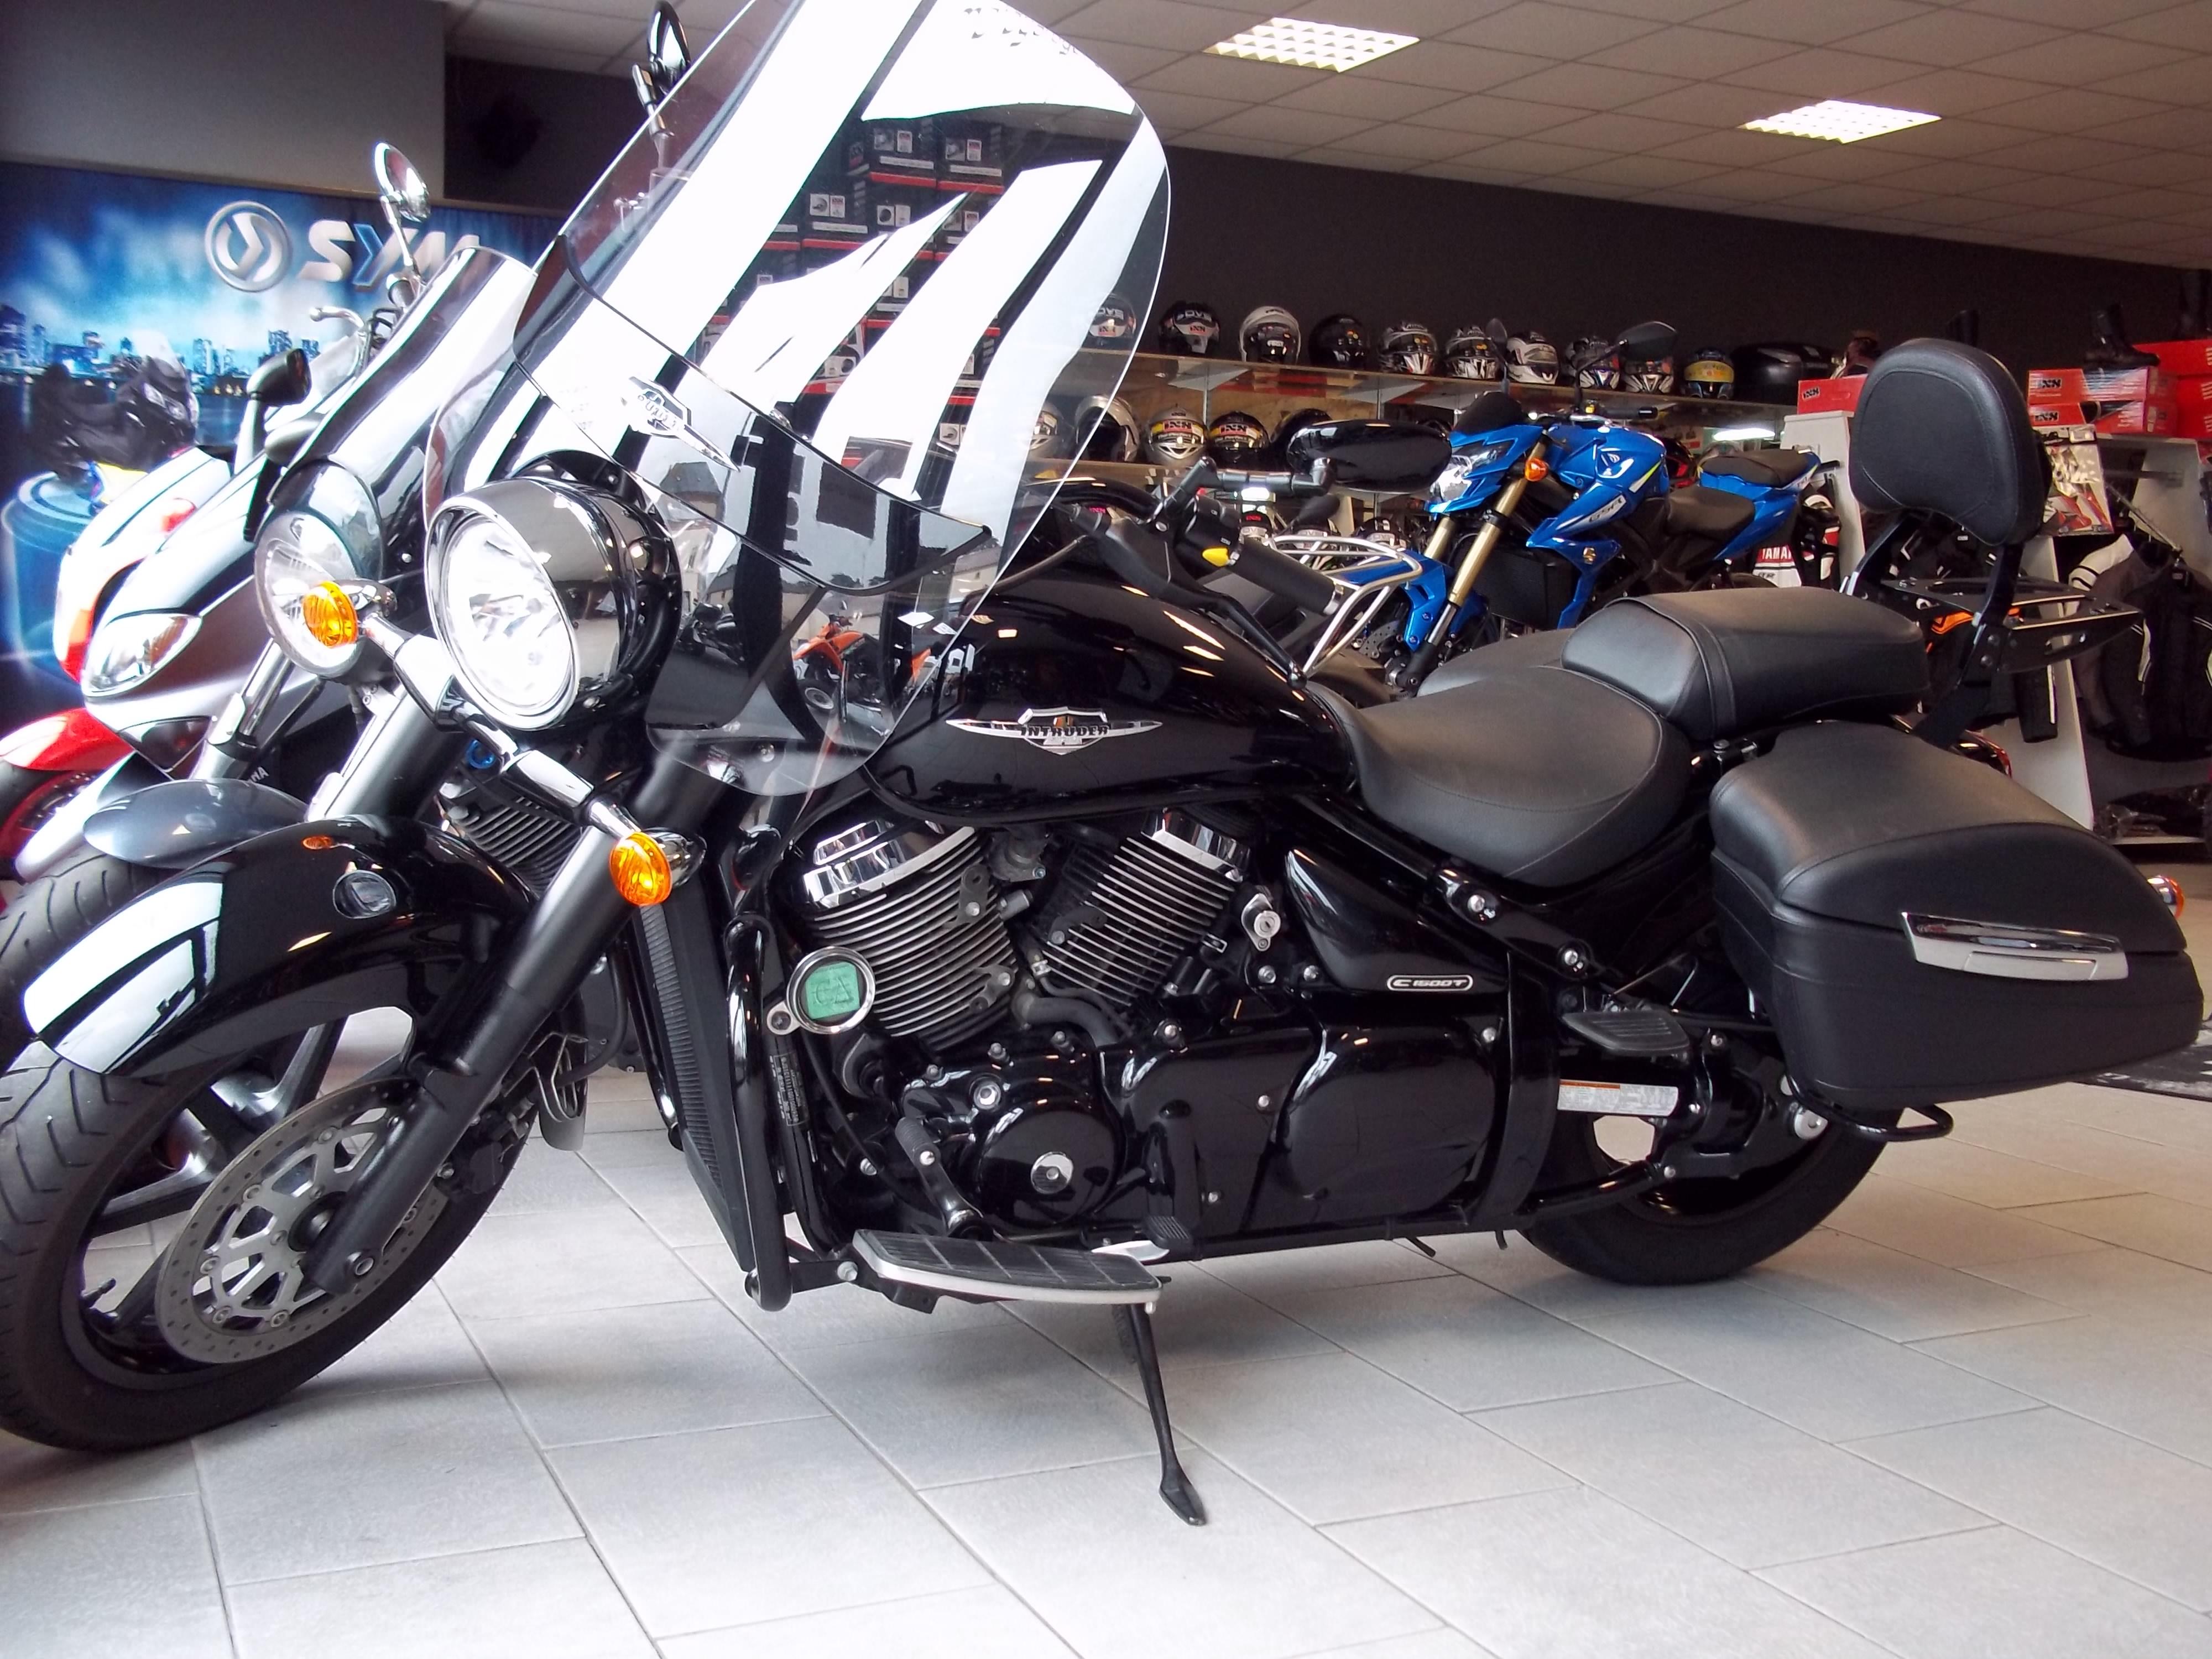 vente de véhicules moto neufs et occasions à Moto Garage dans le Maine et Loire